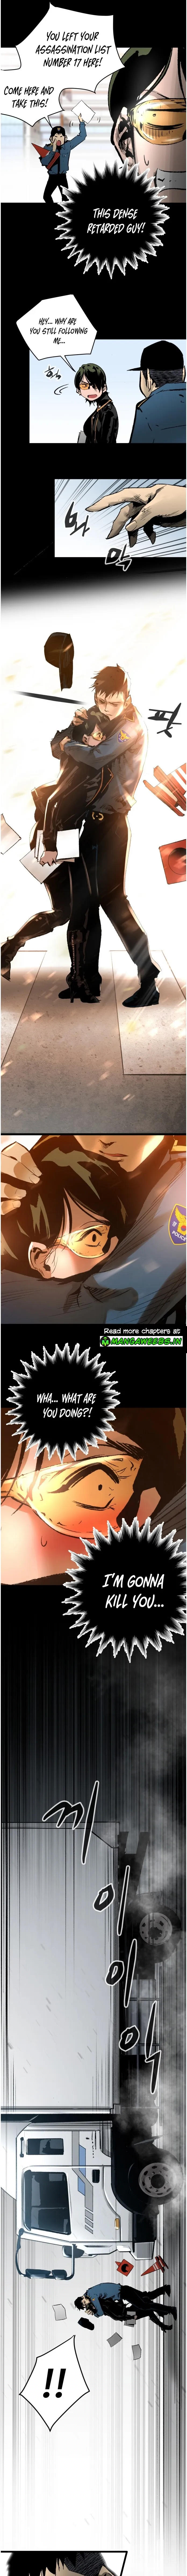 Gosam Mussang Chapter 33 page 6 - Mangakakalots.com